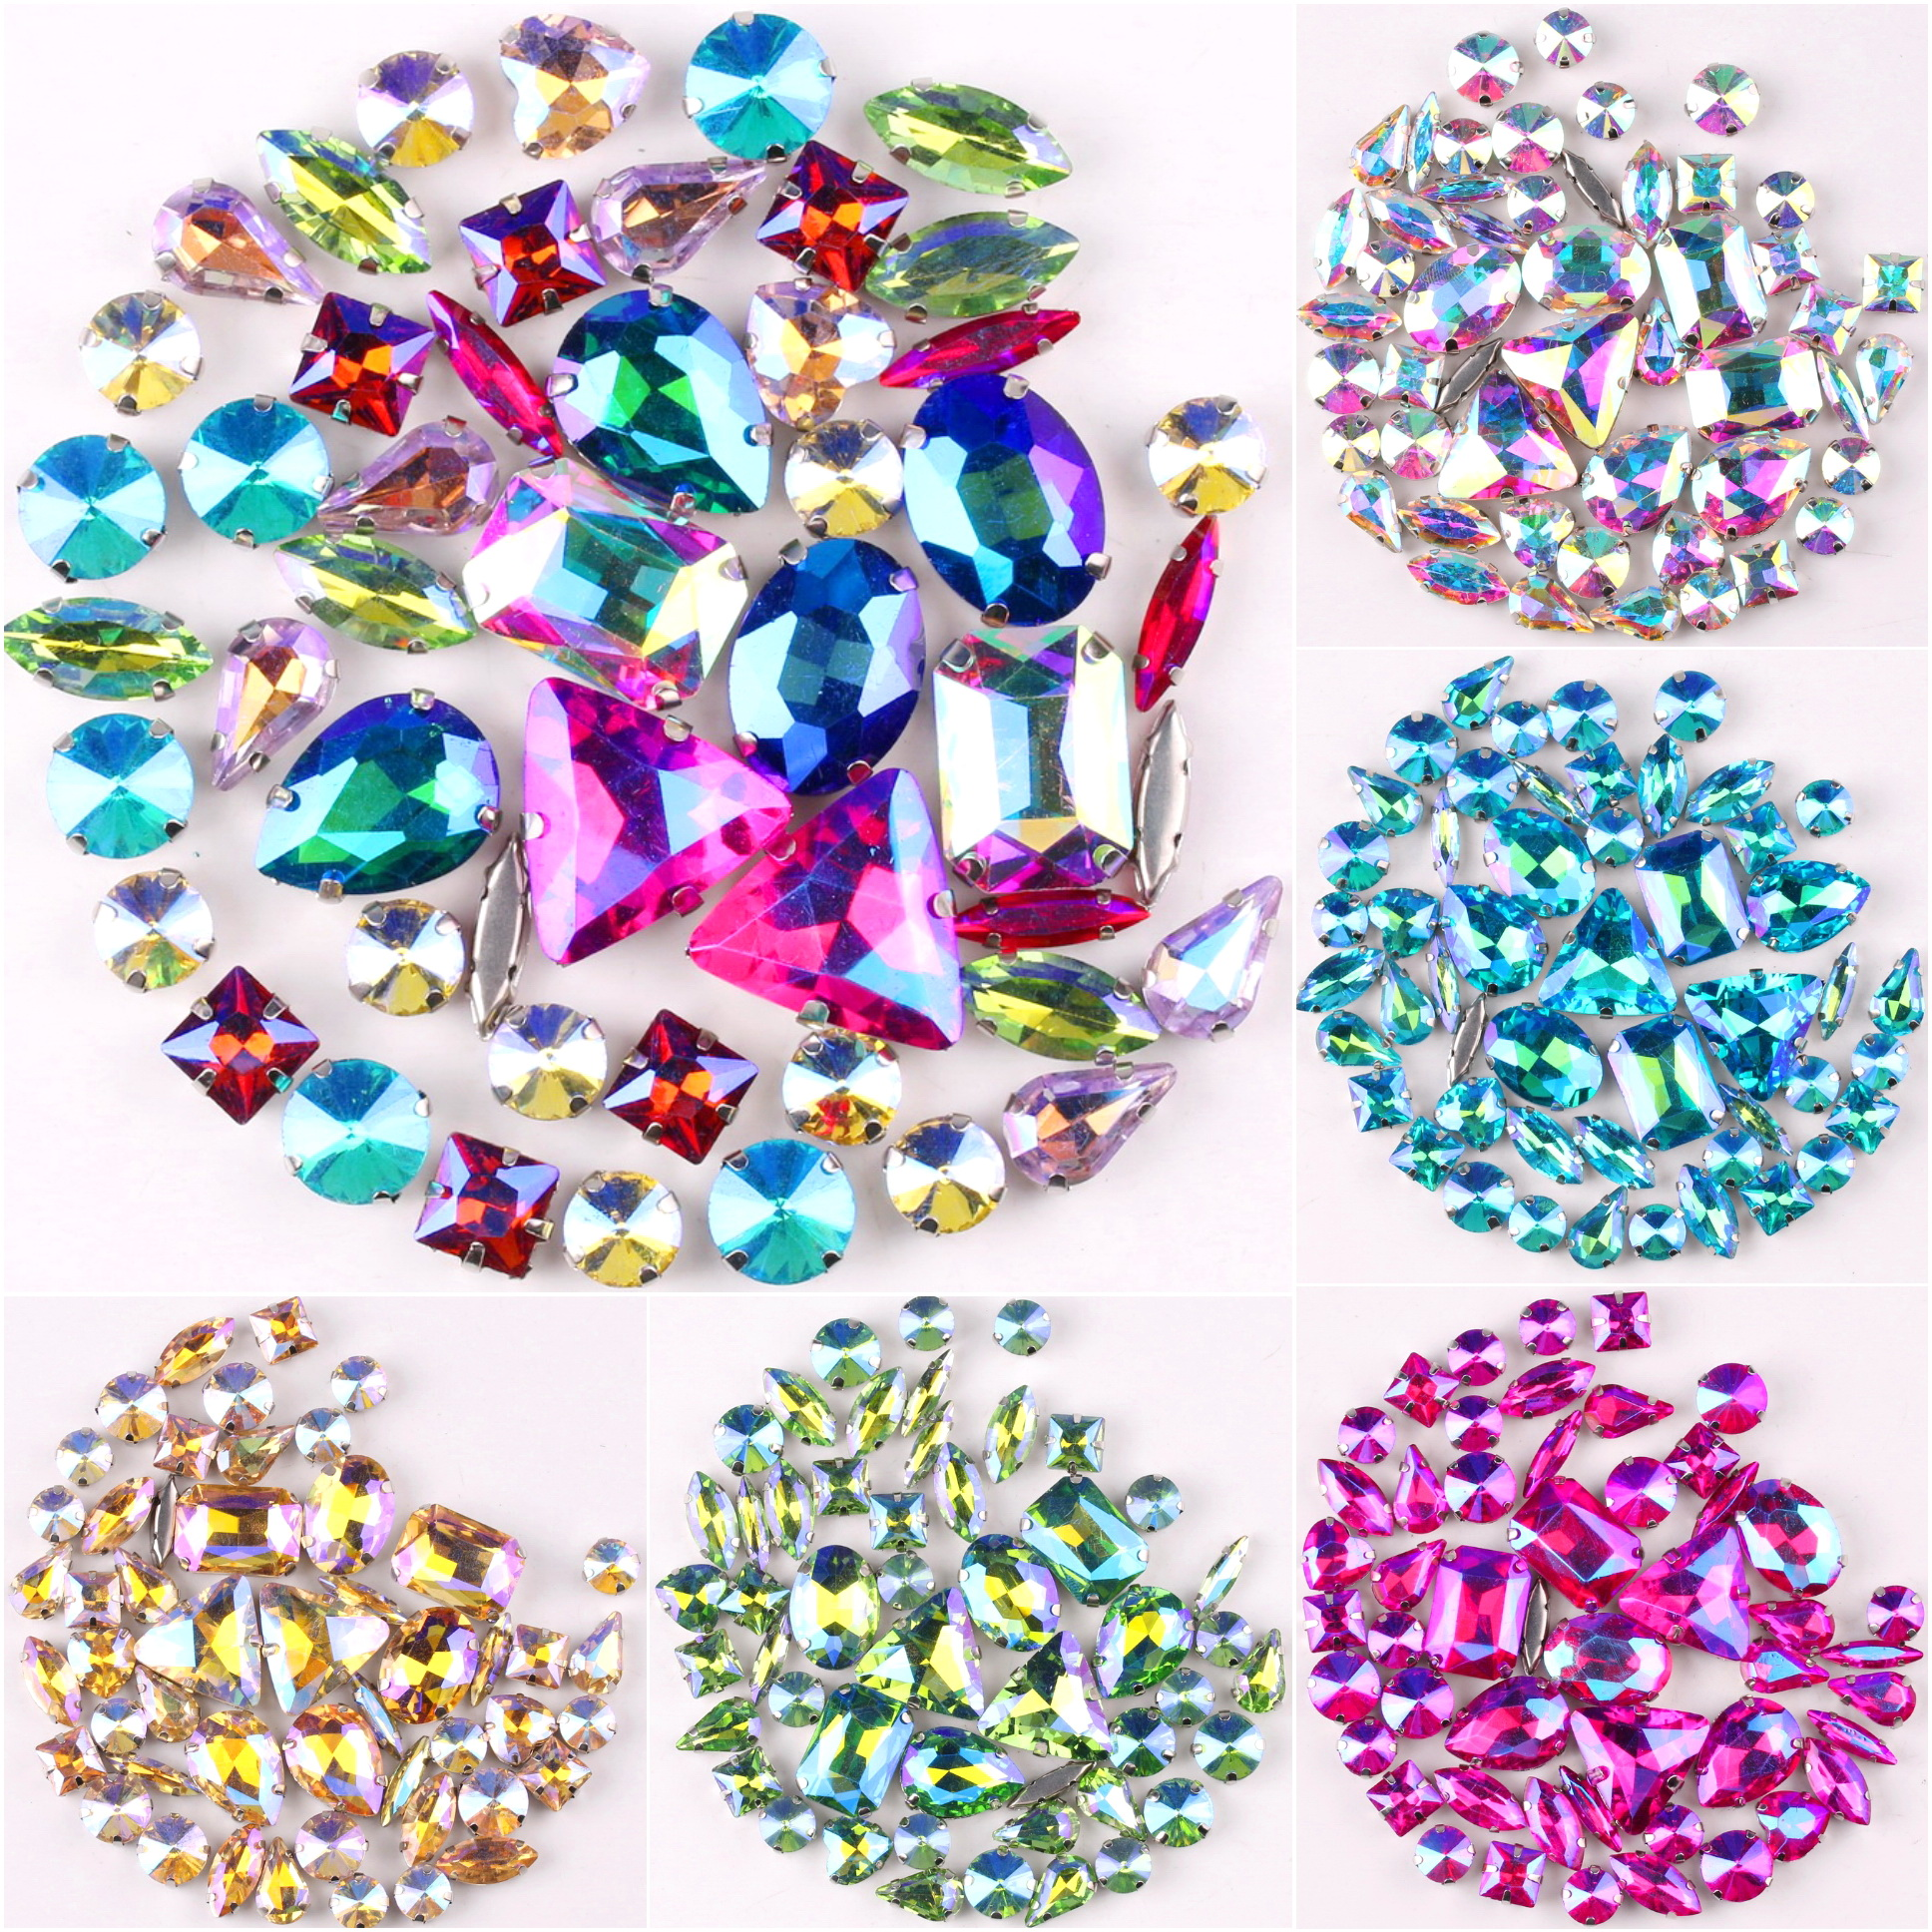 Серебряный коготь Установка 50 шт./пакет 11 формы смешивать с плоским основанием АВ цвета стеклянные хрустальные стразы для шитья кристаллам...